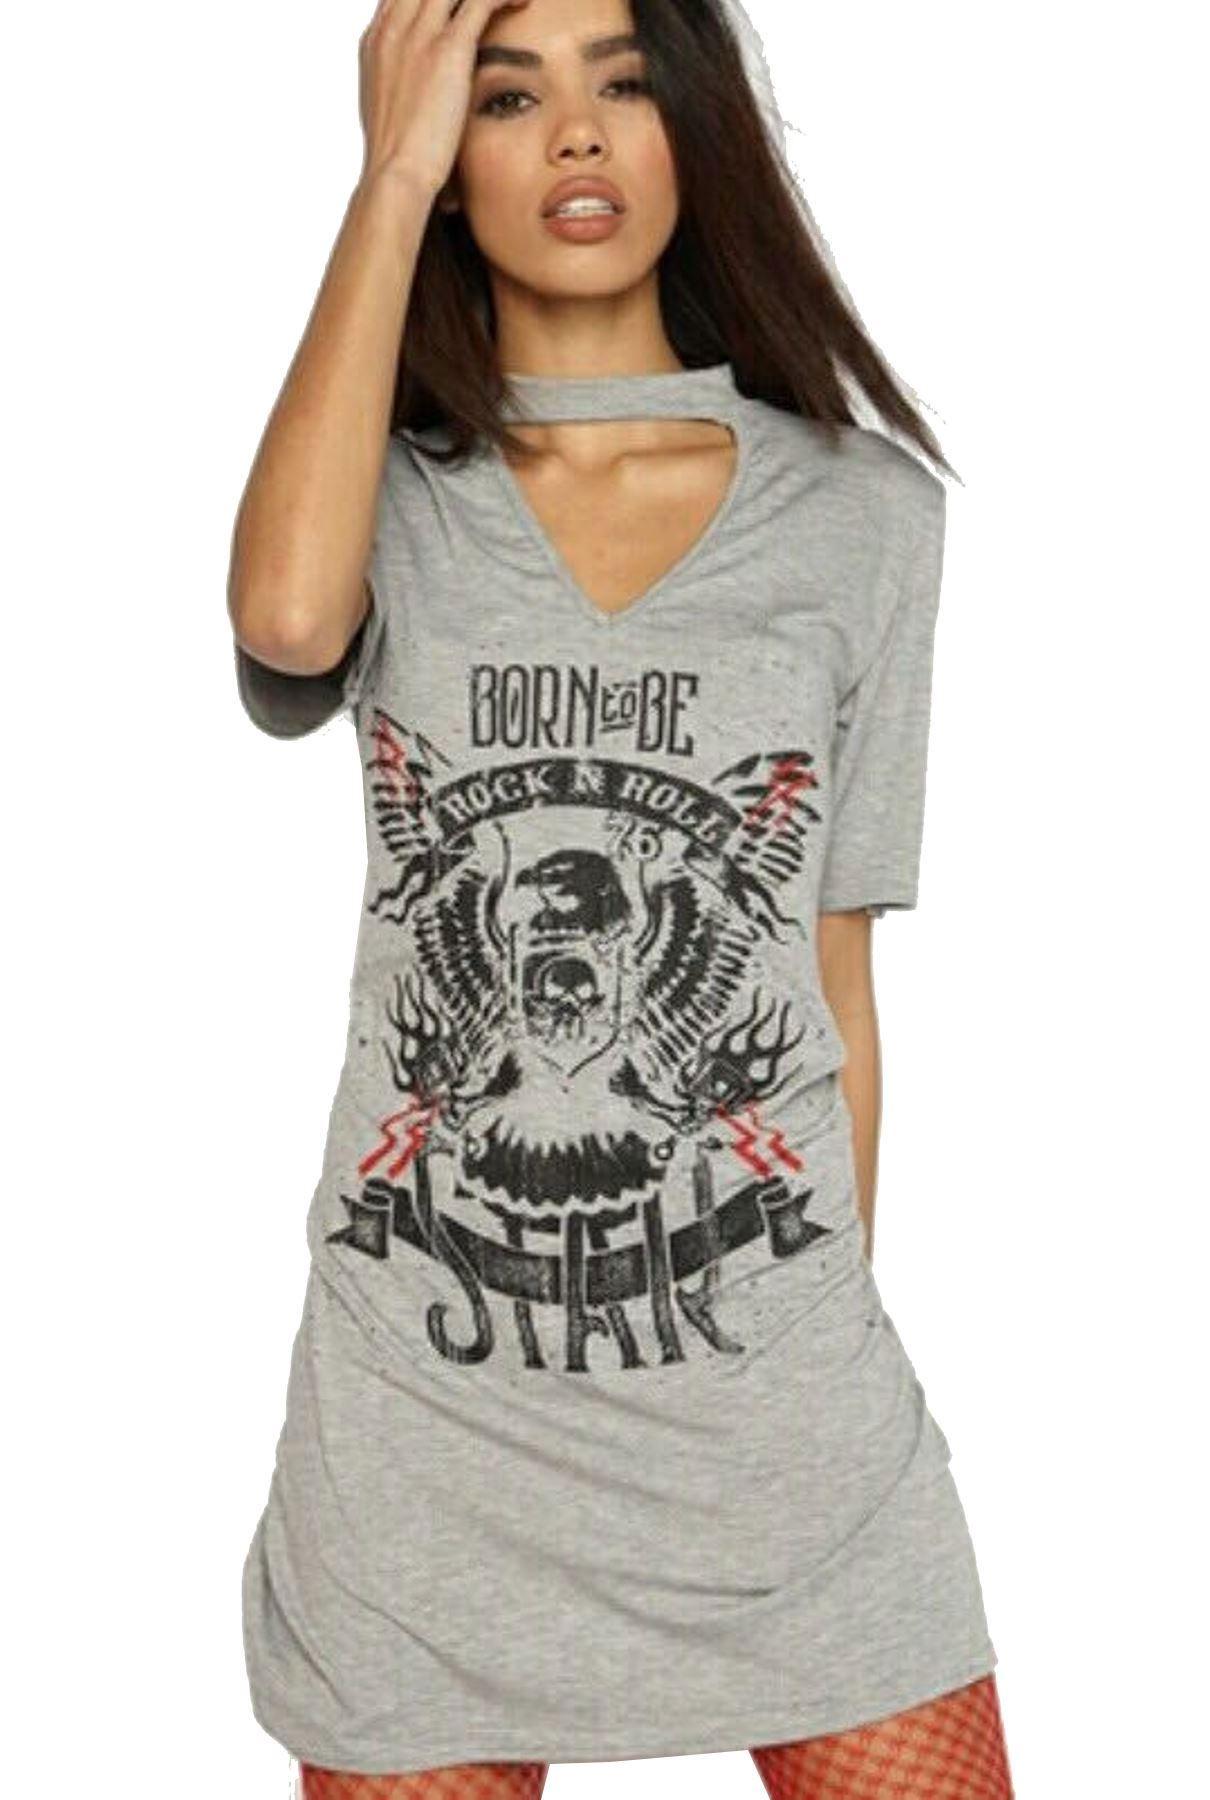 women's ladies born to be rock n roll choker v neck t shirt dress